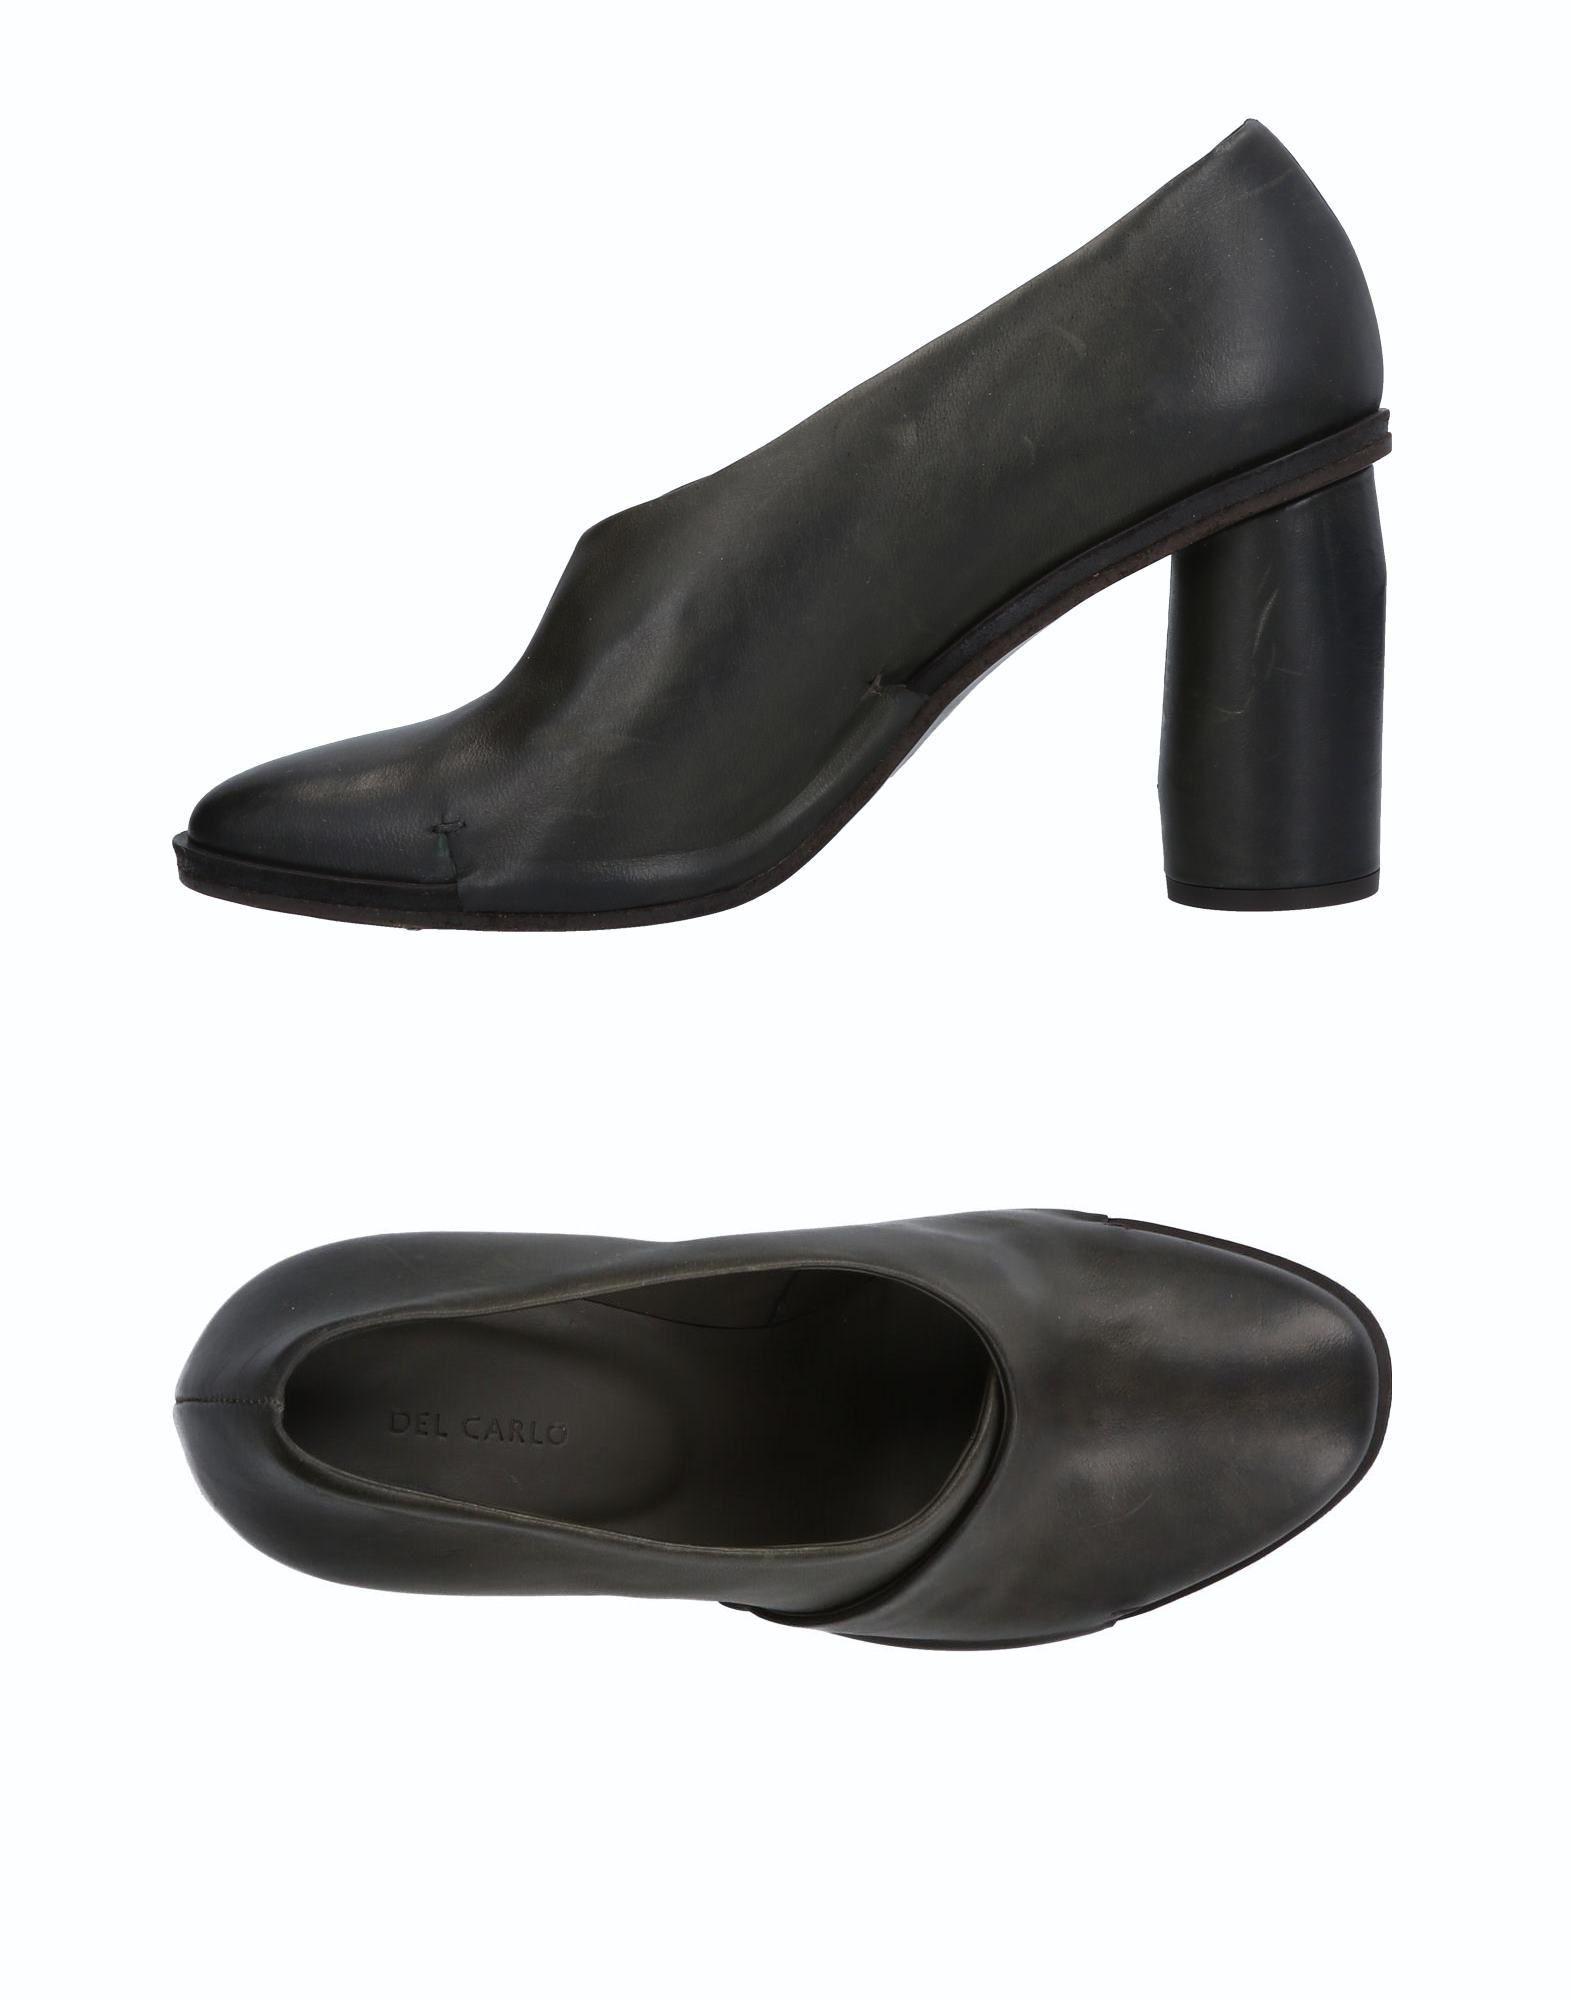 Del Carlo Mokassins Damen  11501600DHGut aussehende strapazierfähige Schuhe